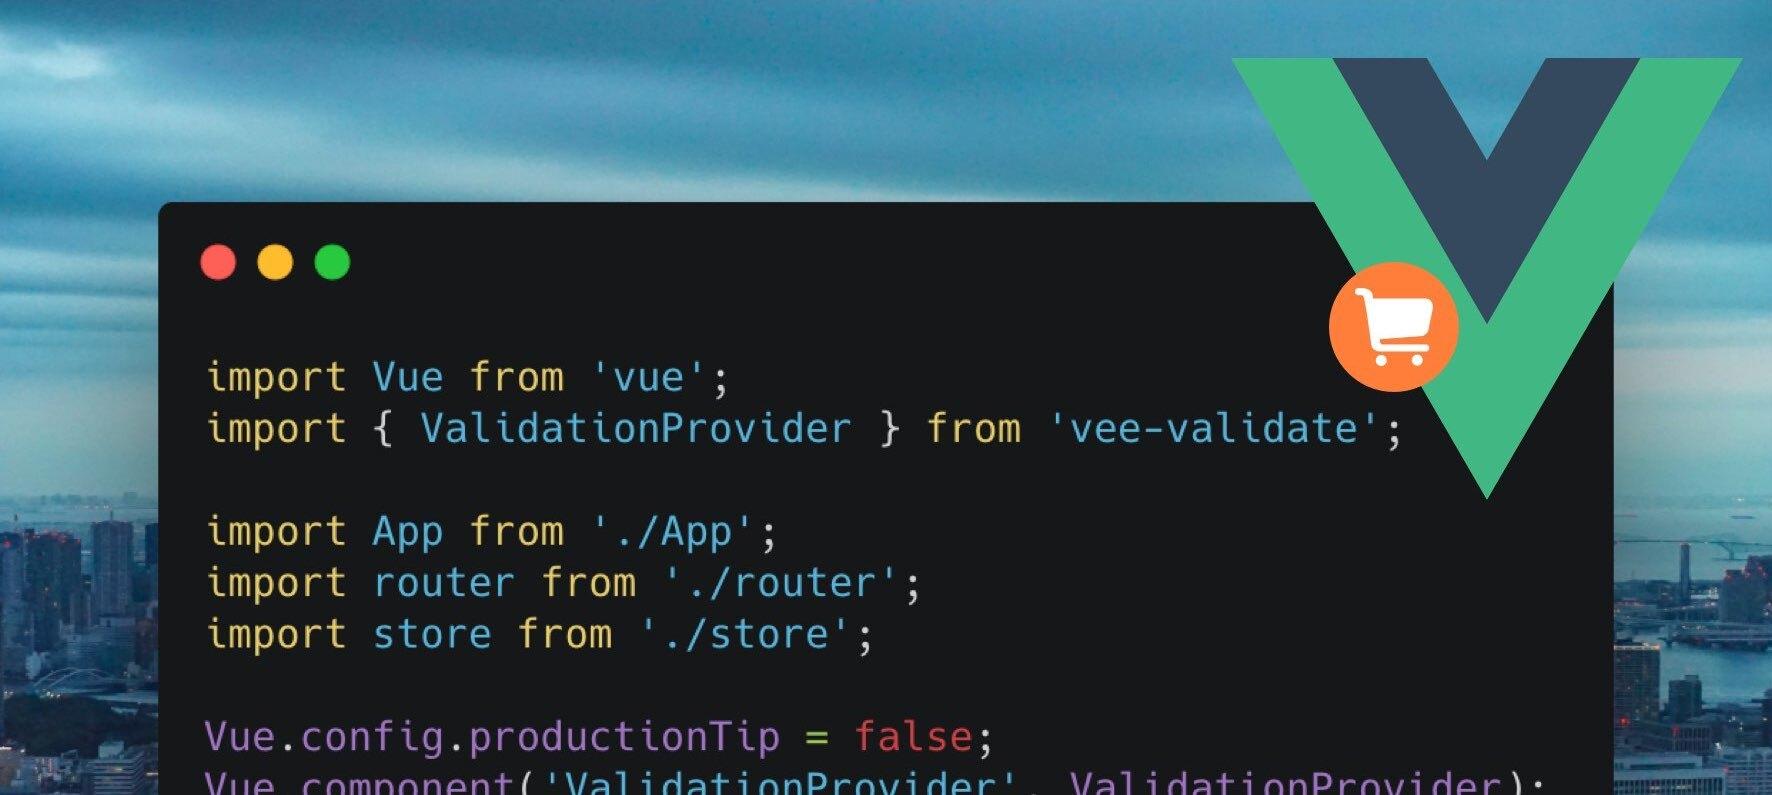 从零到部署:用 Vue 和 Express 实现迷你全栈电商应用(三)